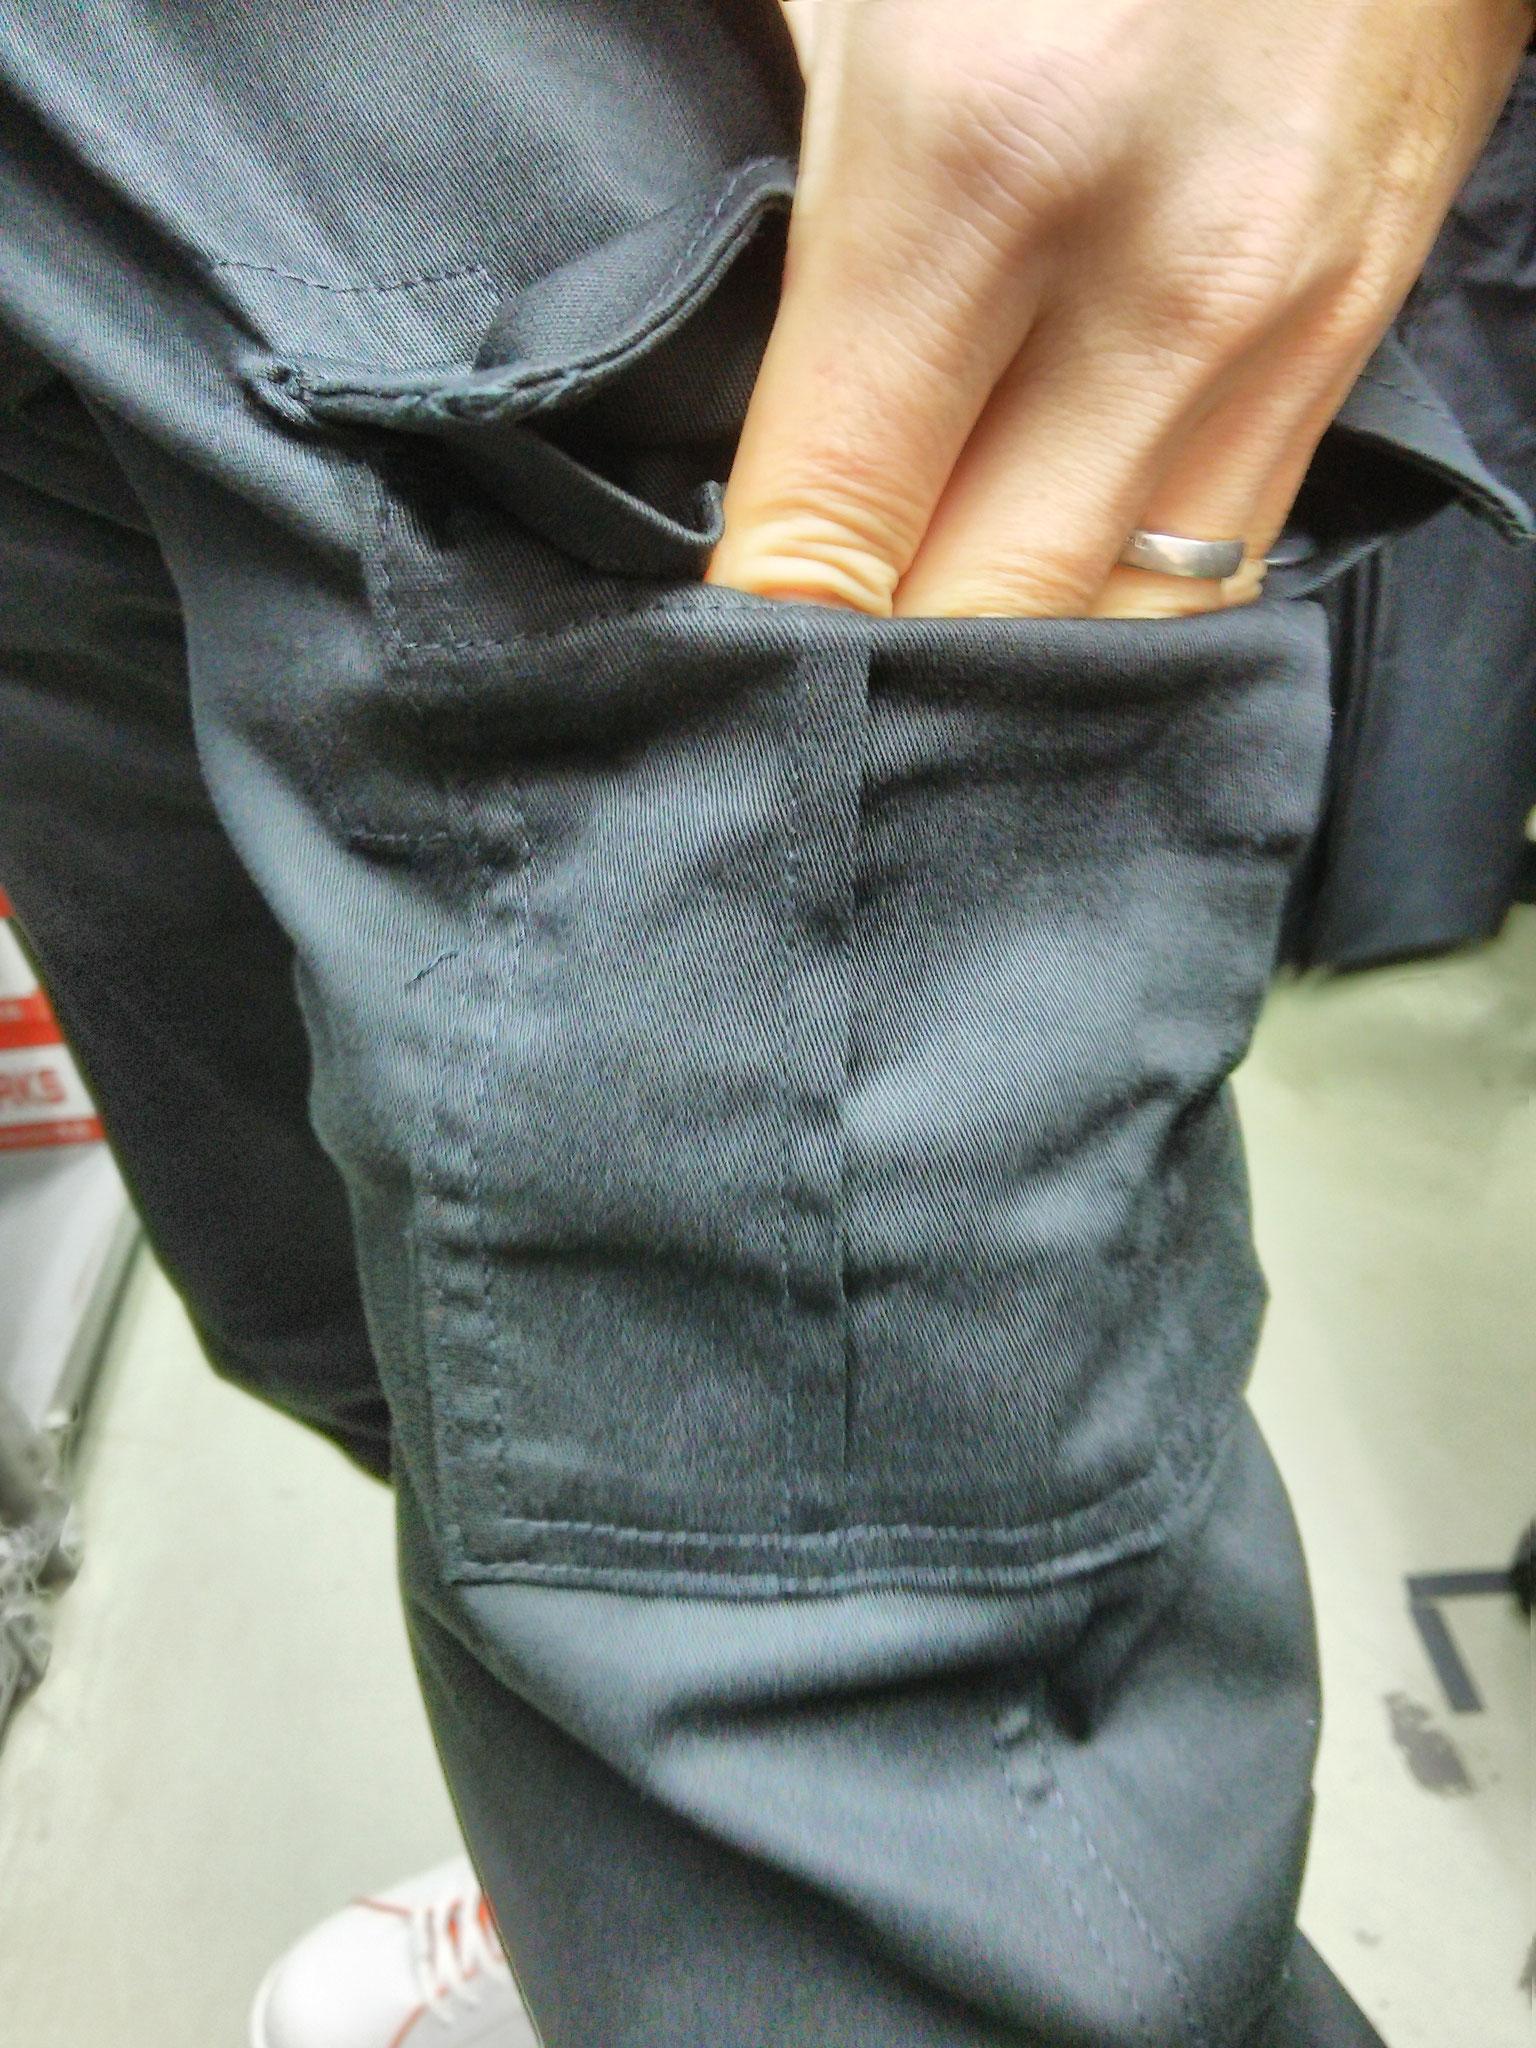 GLADIATOR G-5005  スタイリッシュカーゴ はいてみました。ポケットも実用的な大きさです。スマホもOKですね。